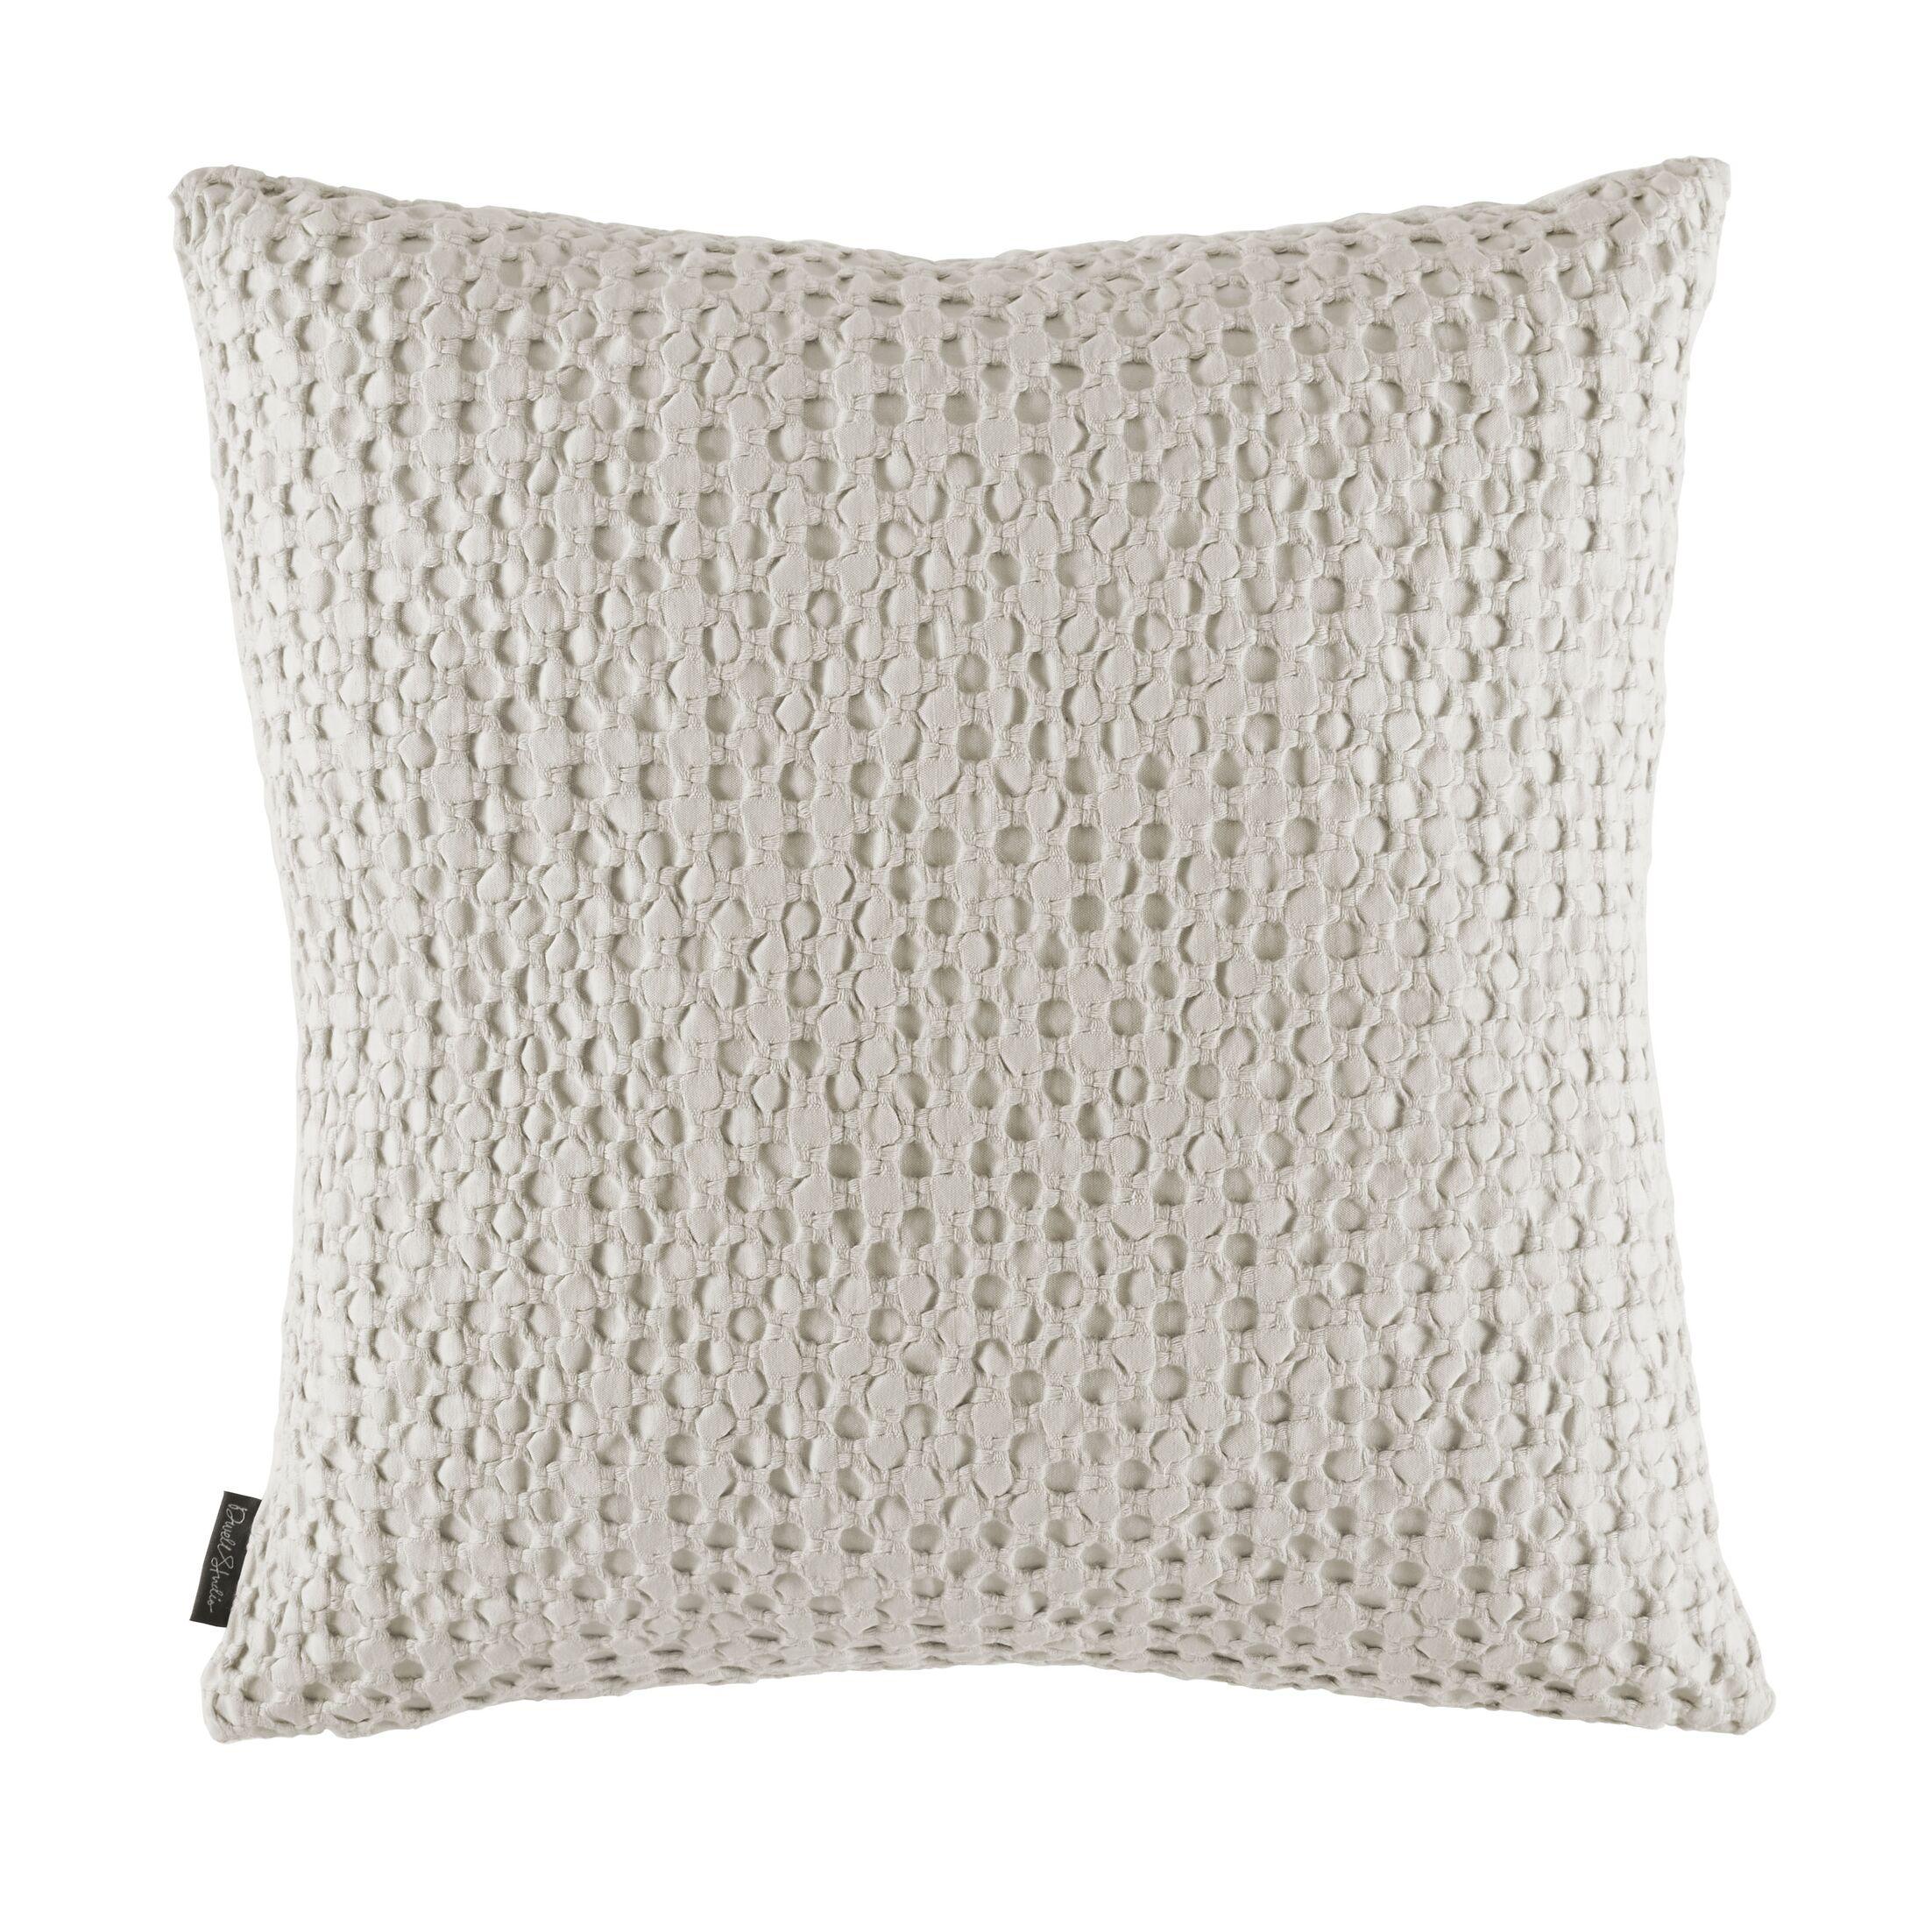 Thayer Pumice Throw Pillow